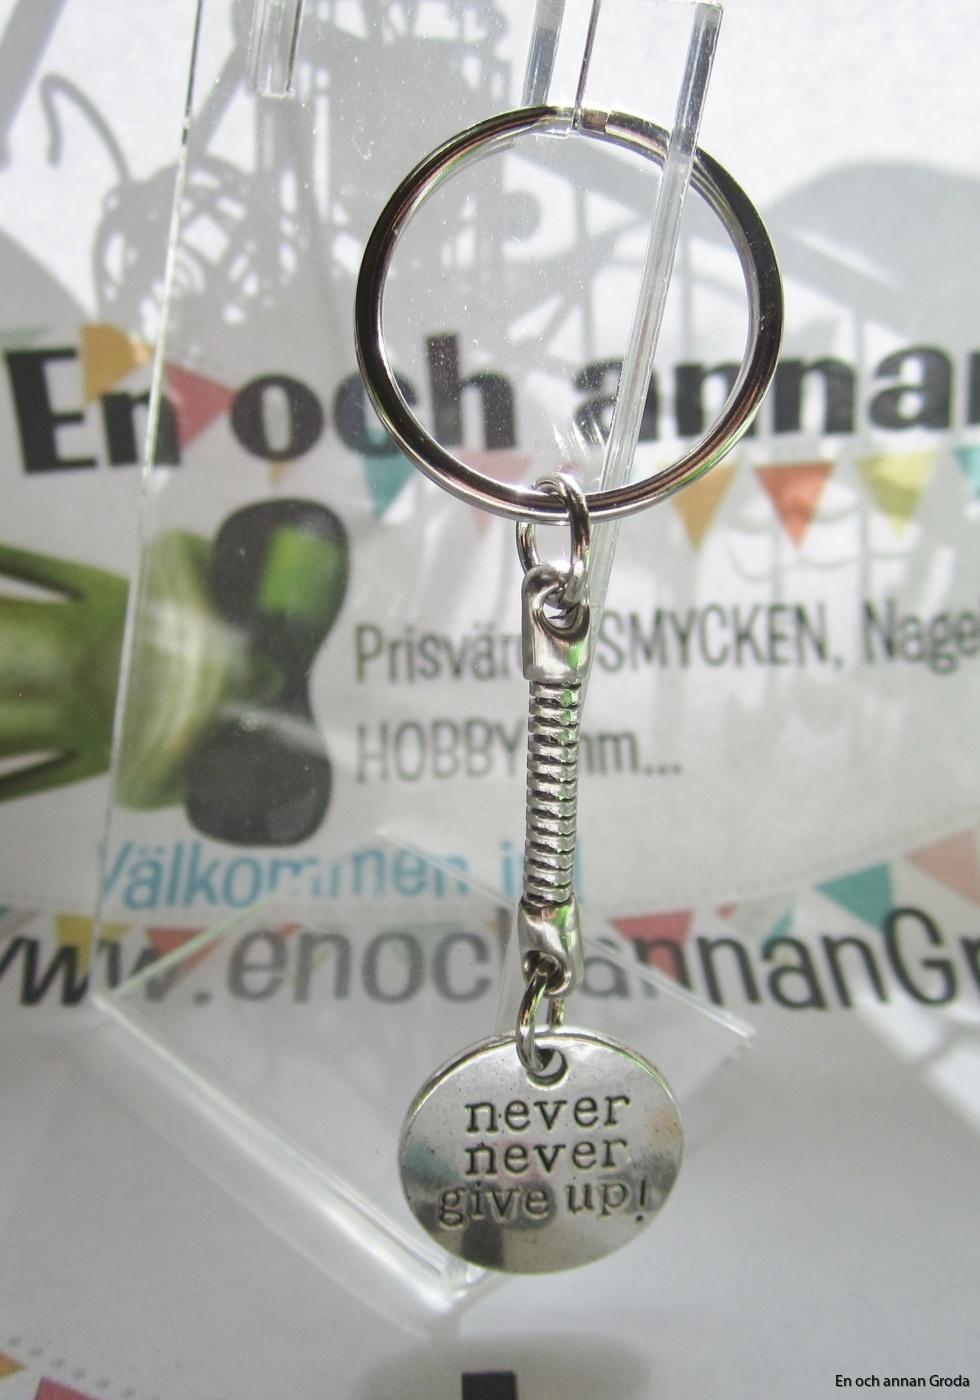 nyckelring never (2)